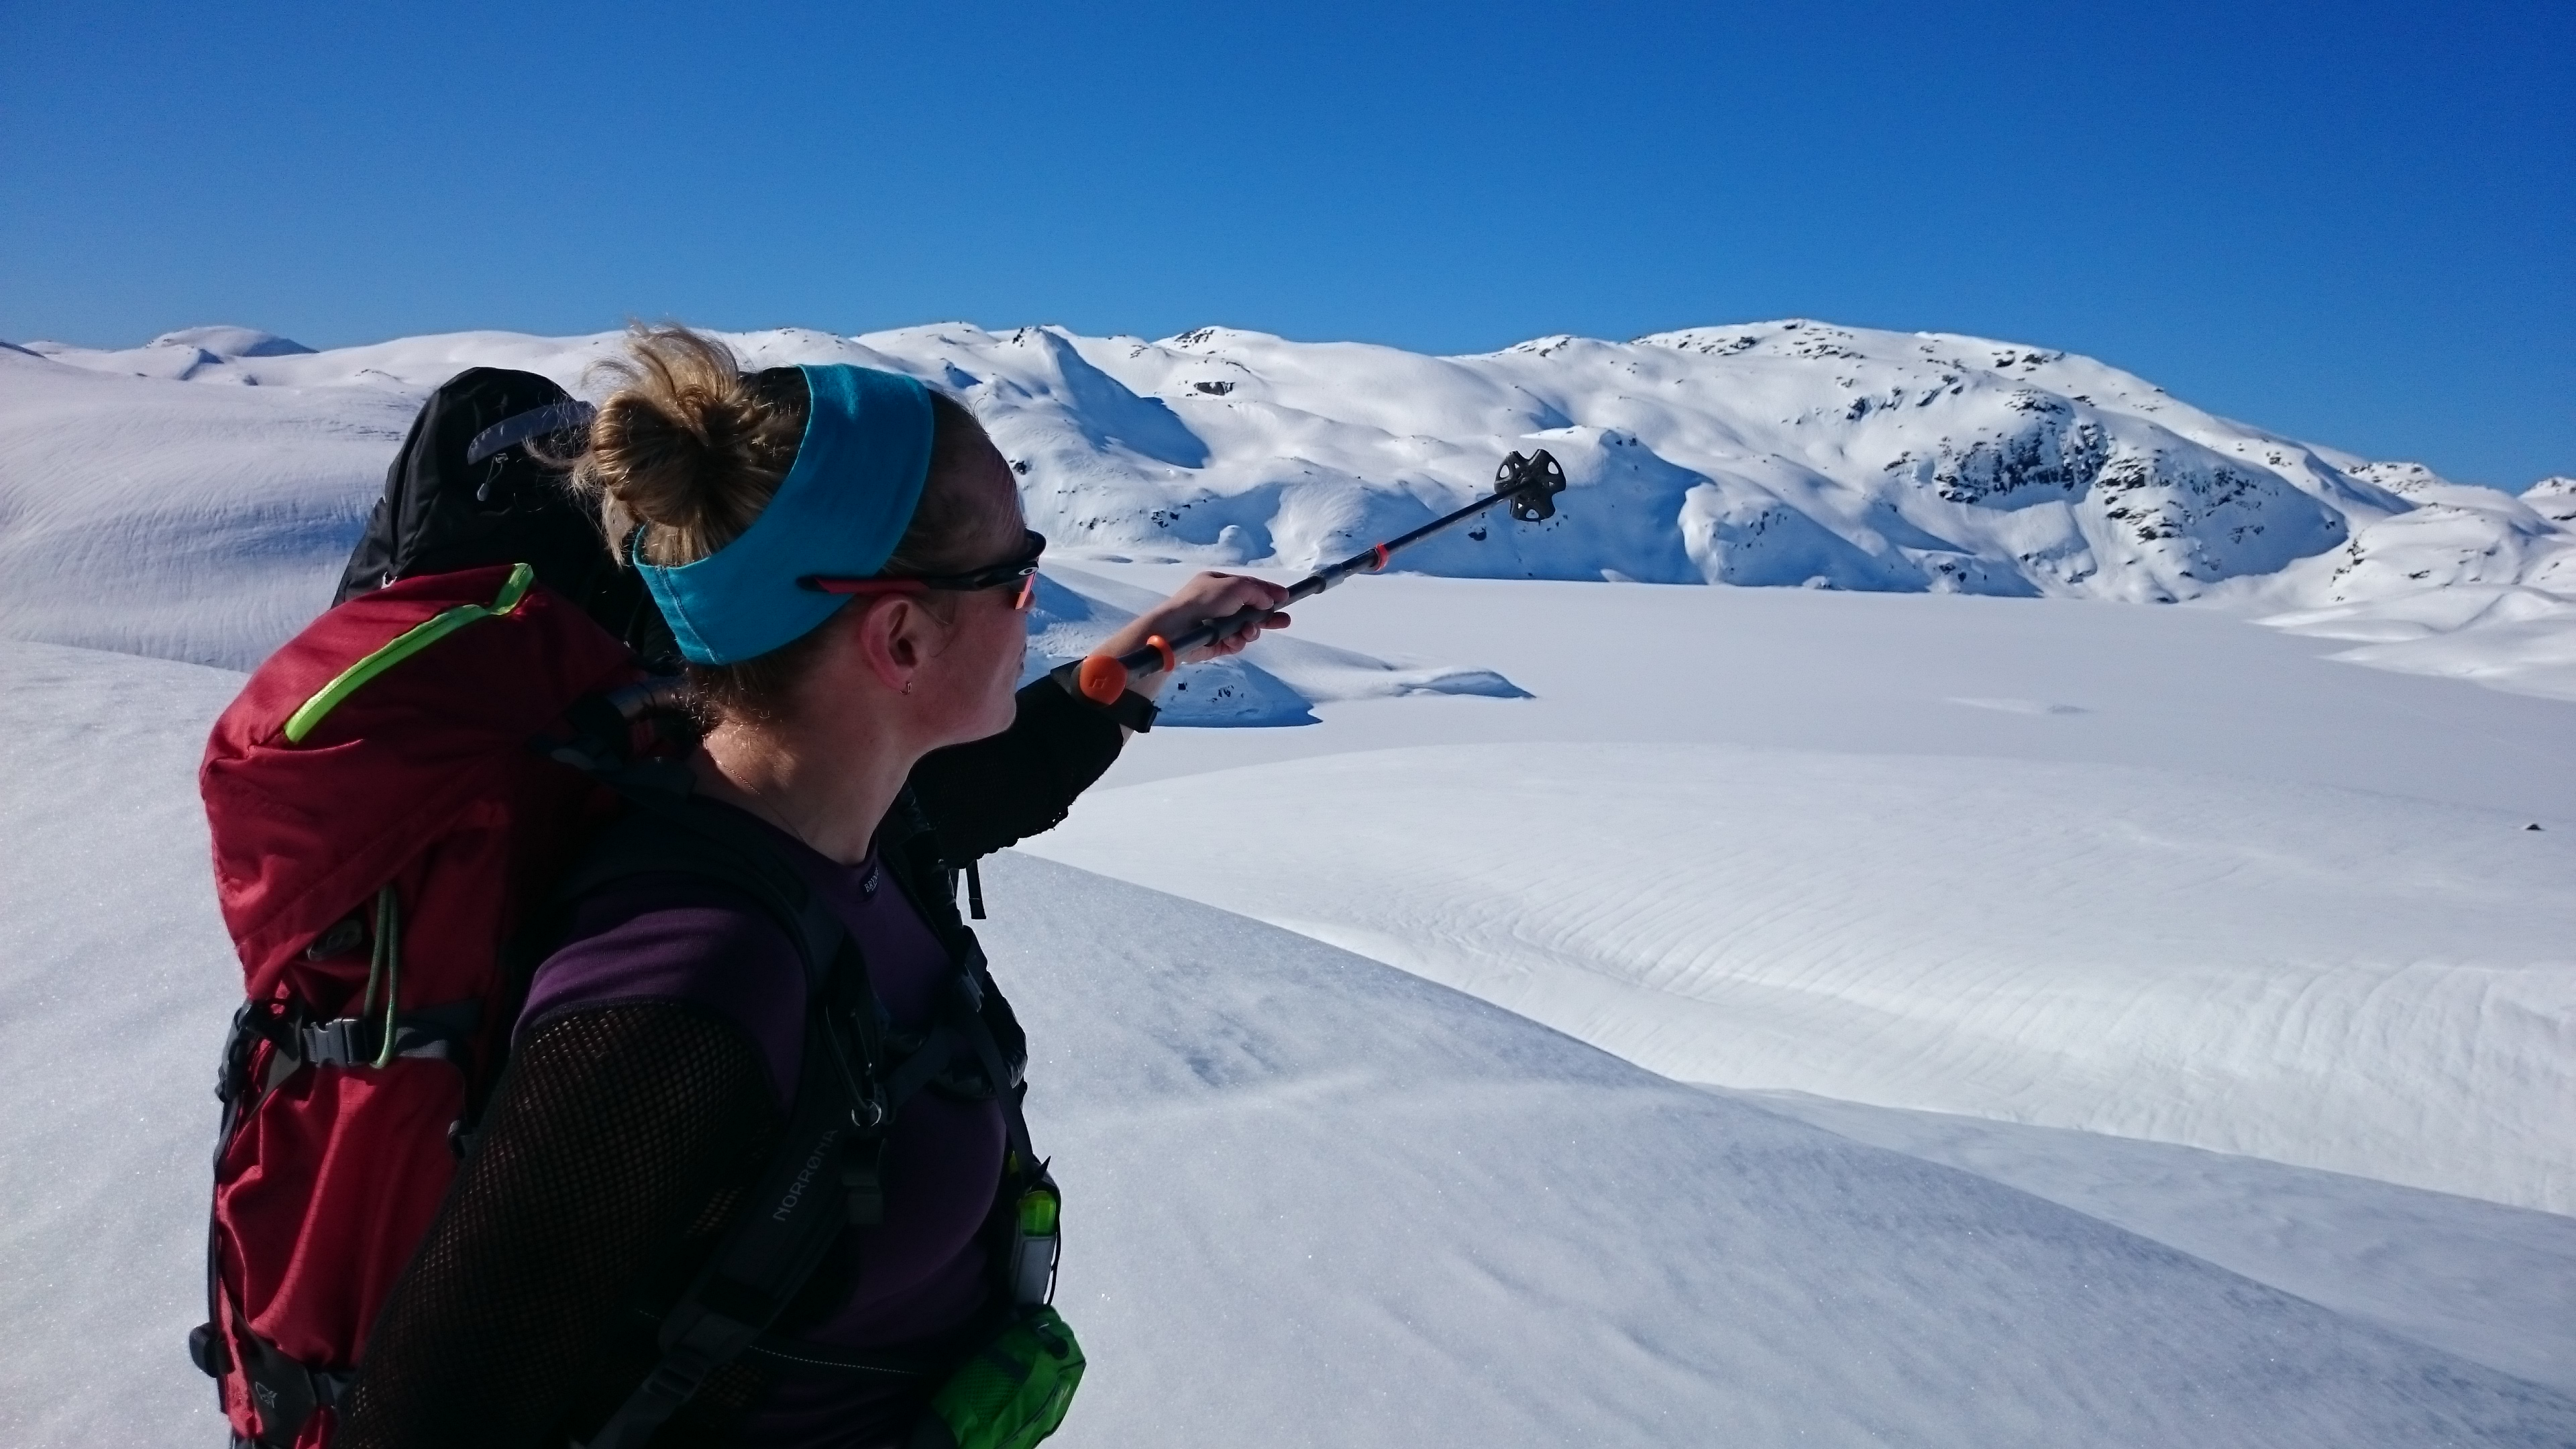 En esquís de crosscoutry a Nansenbu